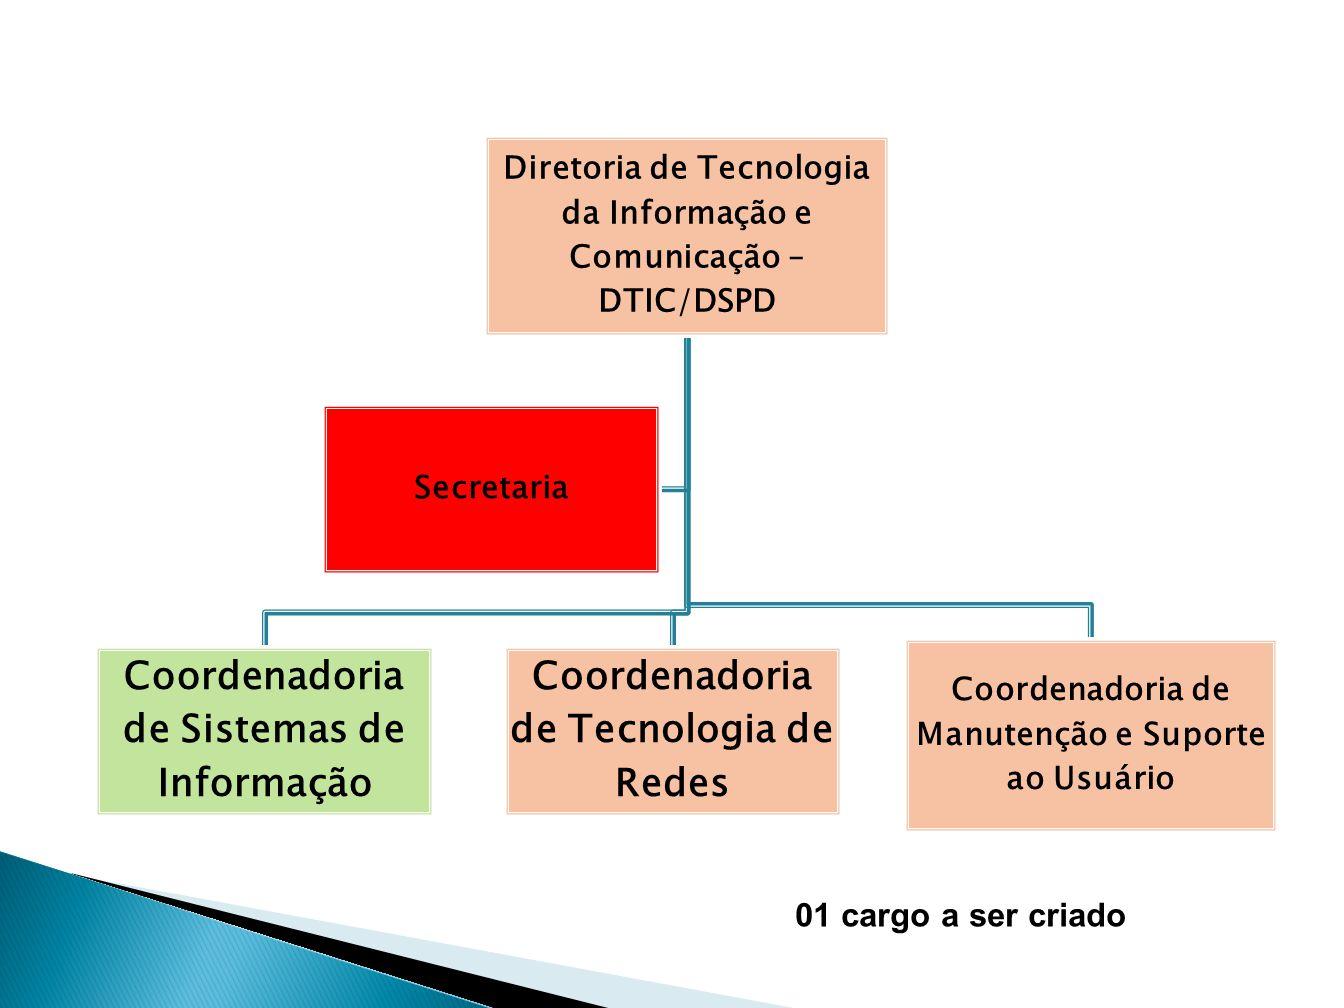 Diretoria de Tecnologia da Informação e Comunicação – DTIC/DSPD